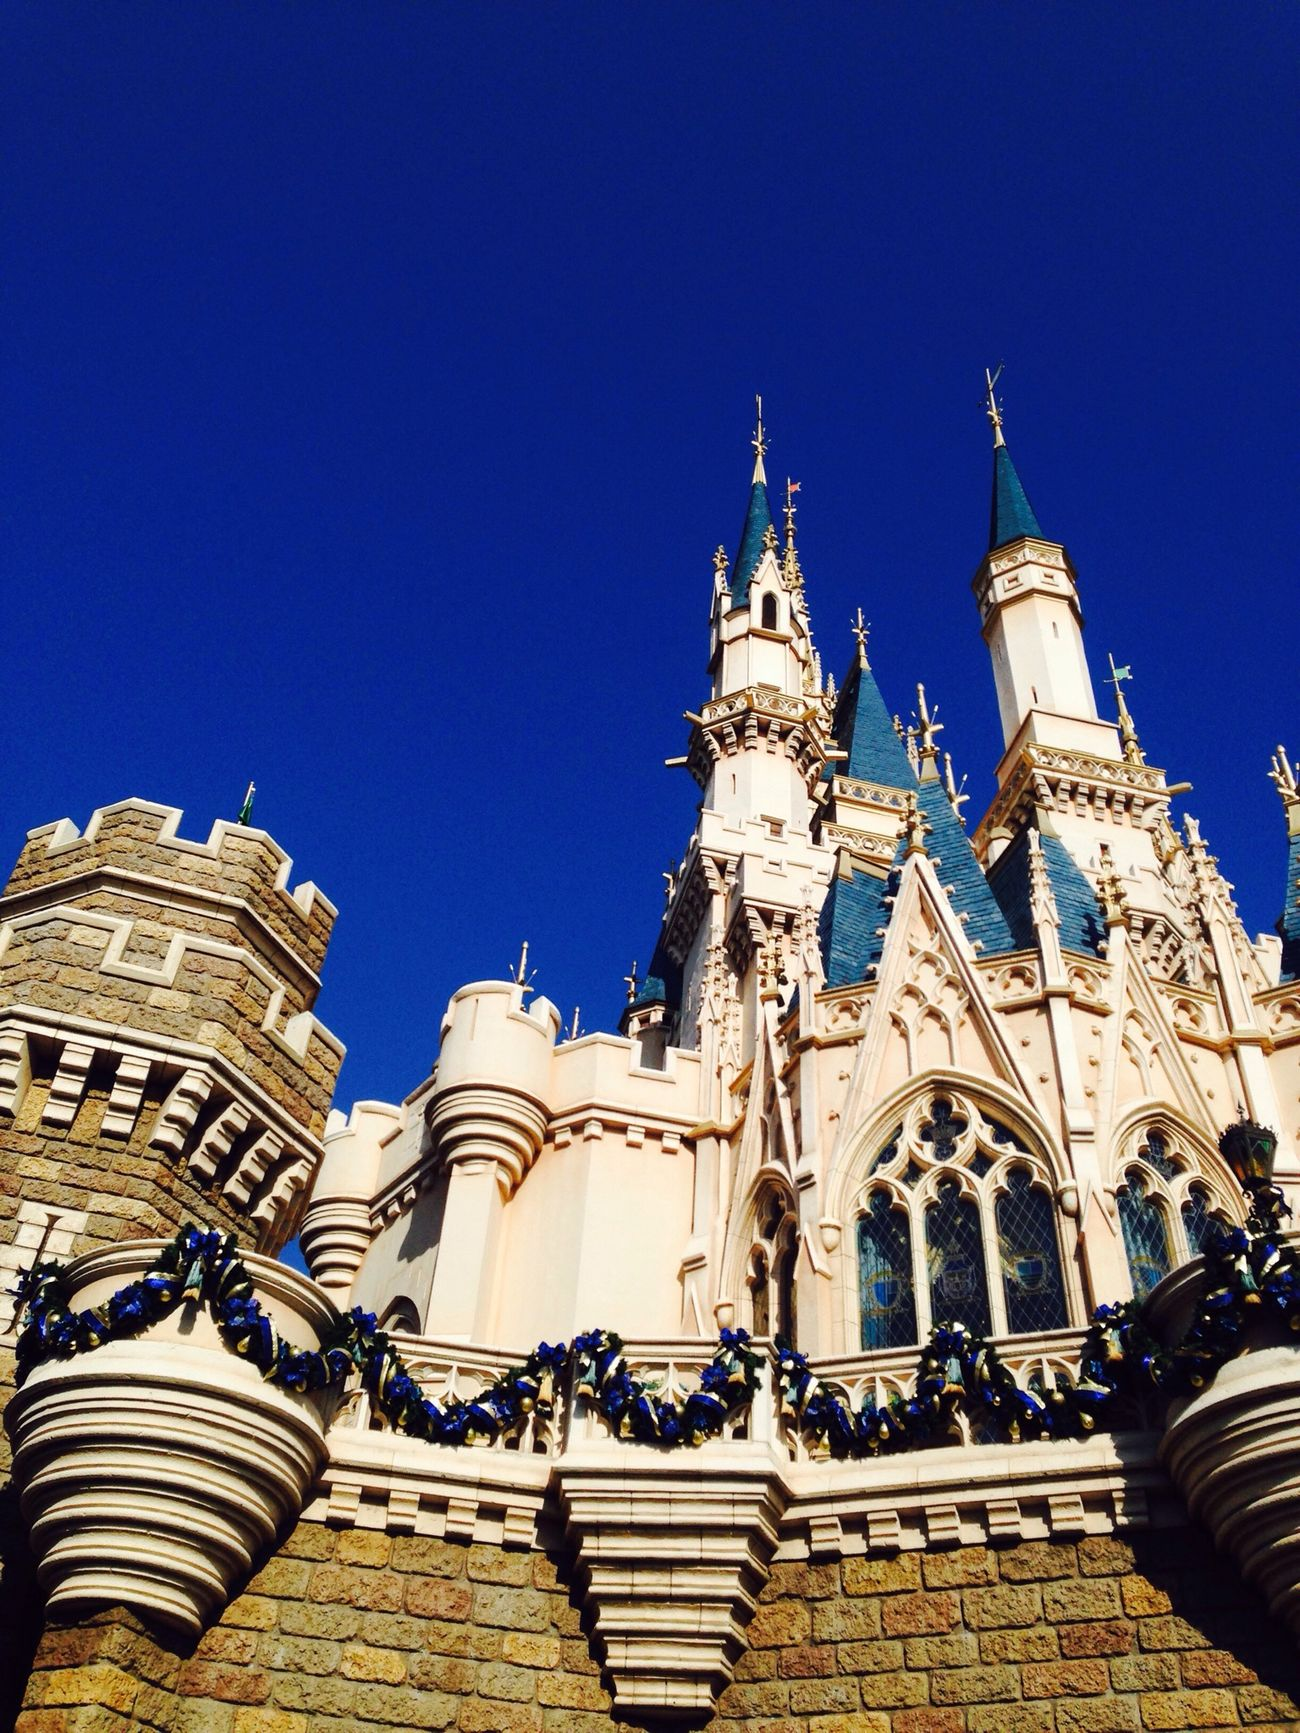 Cinderella castle ?